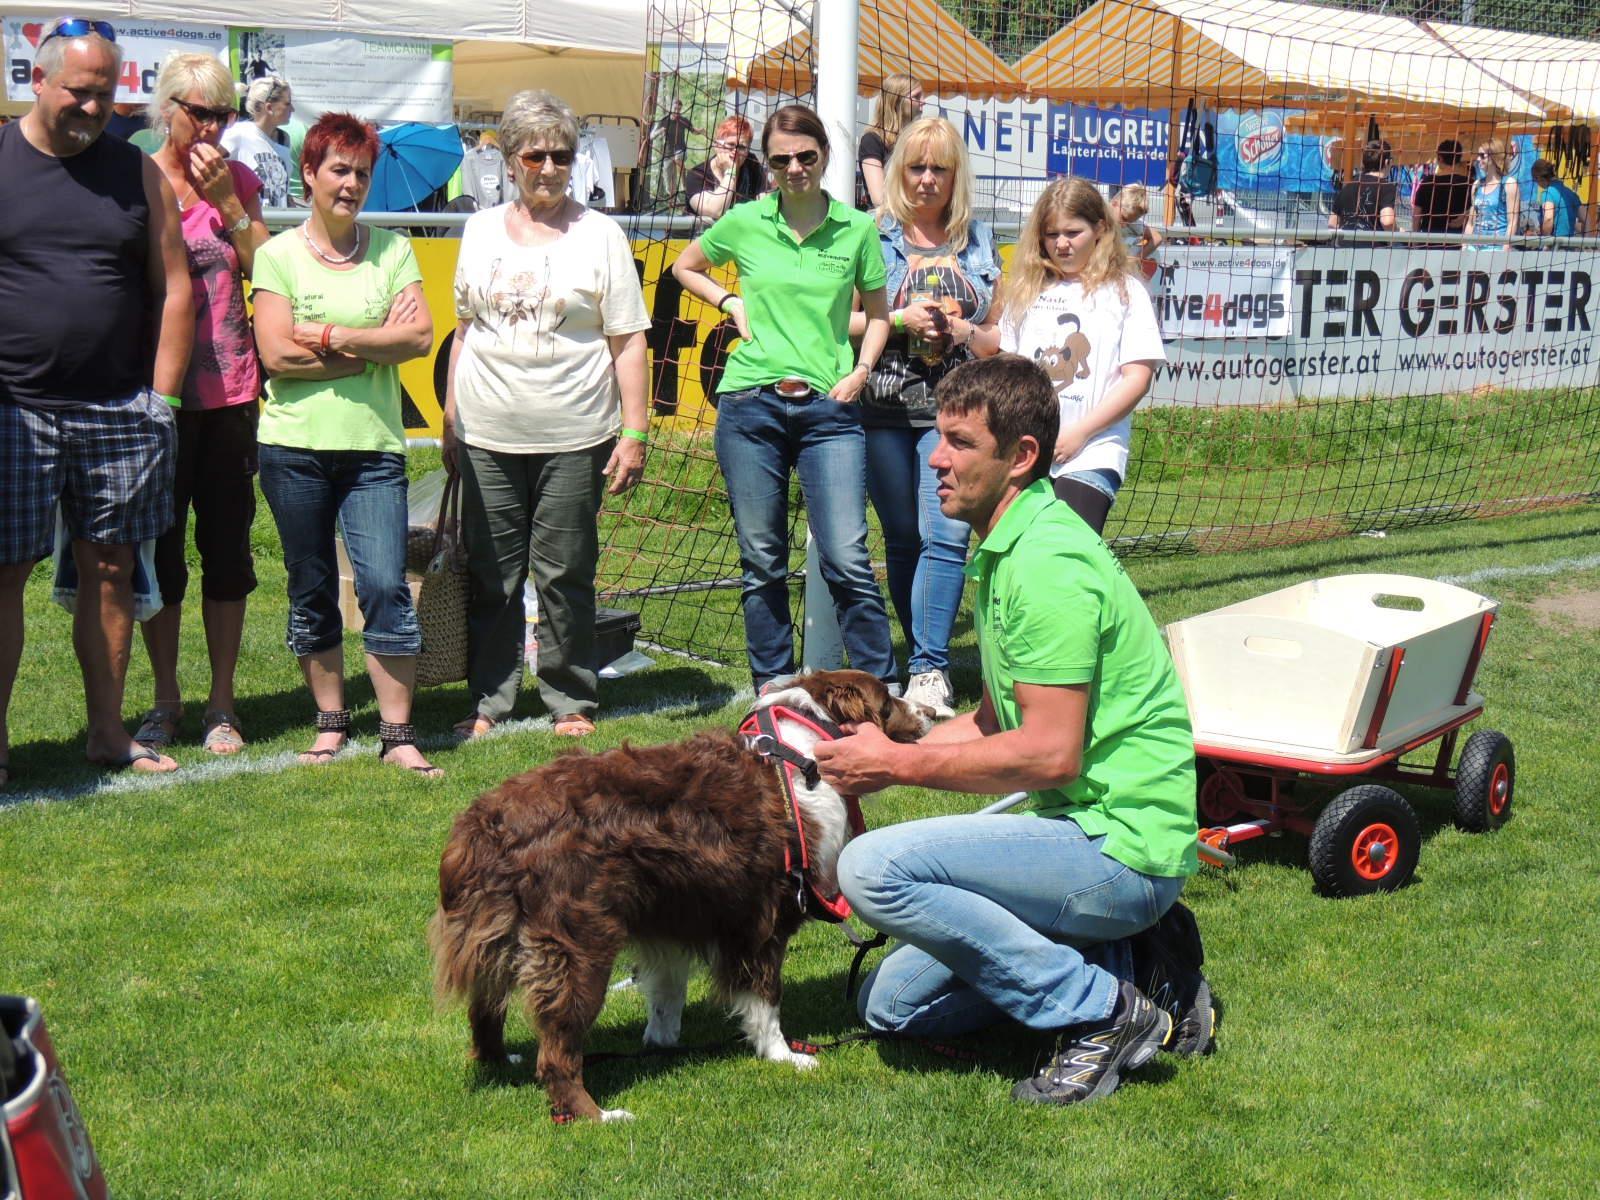 Hundetrainer Uwe Friedrich informierte an praktischen Beispielen  über den Umgang mit Hunden